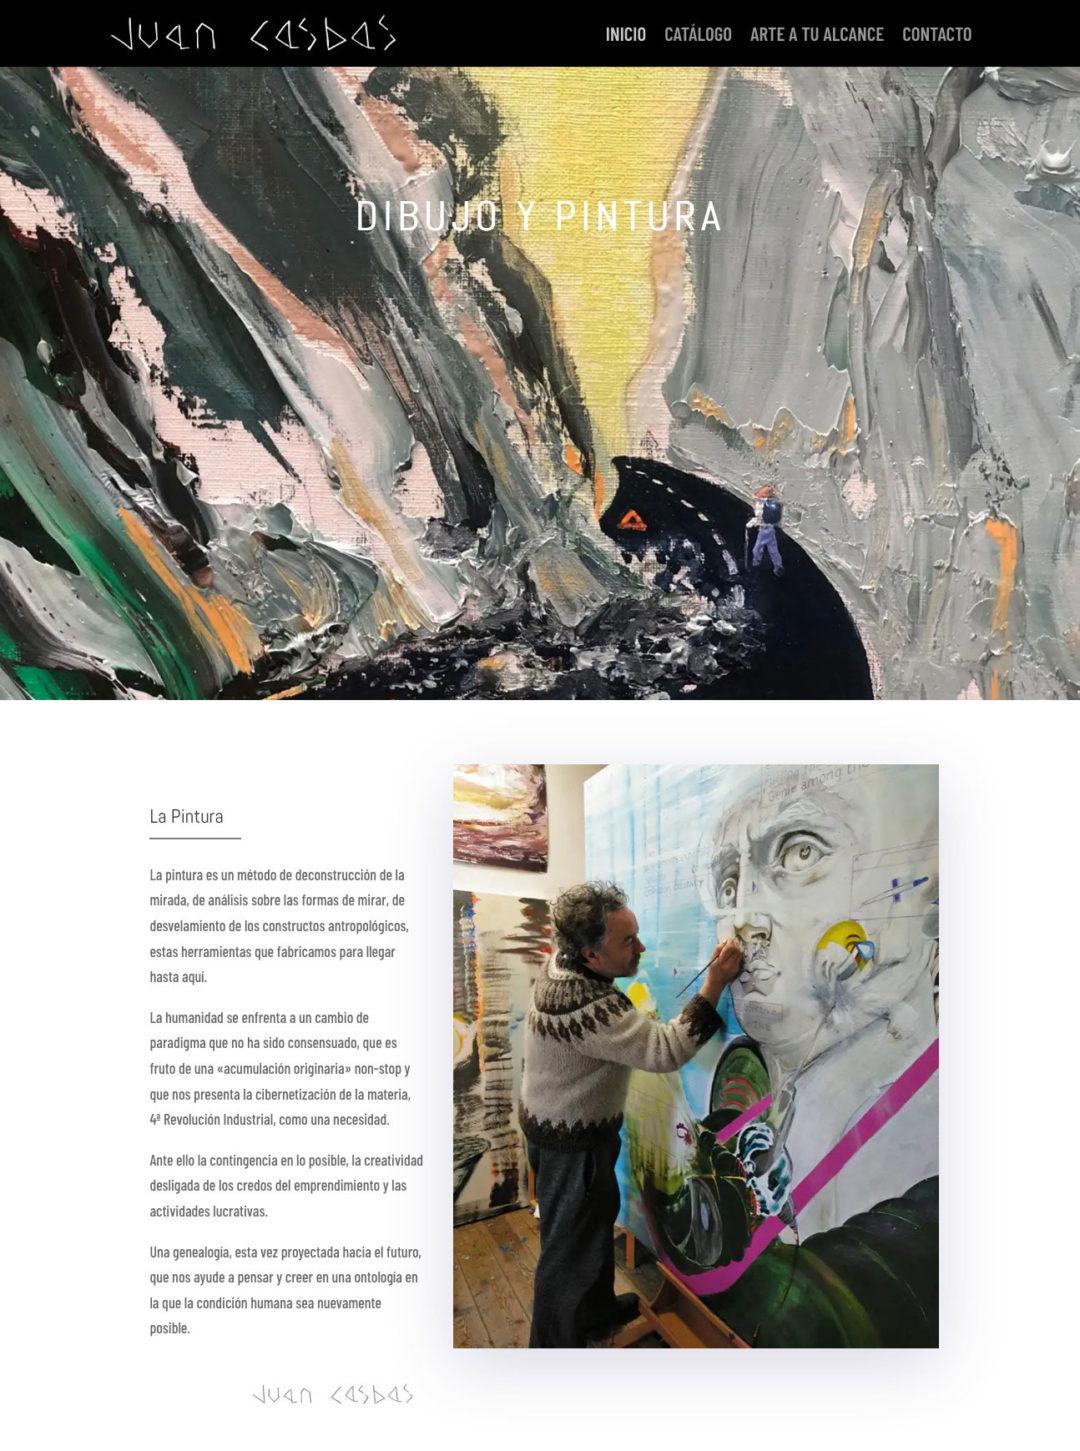 Web de Juan Casbas – dibujo y pintura